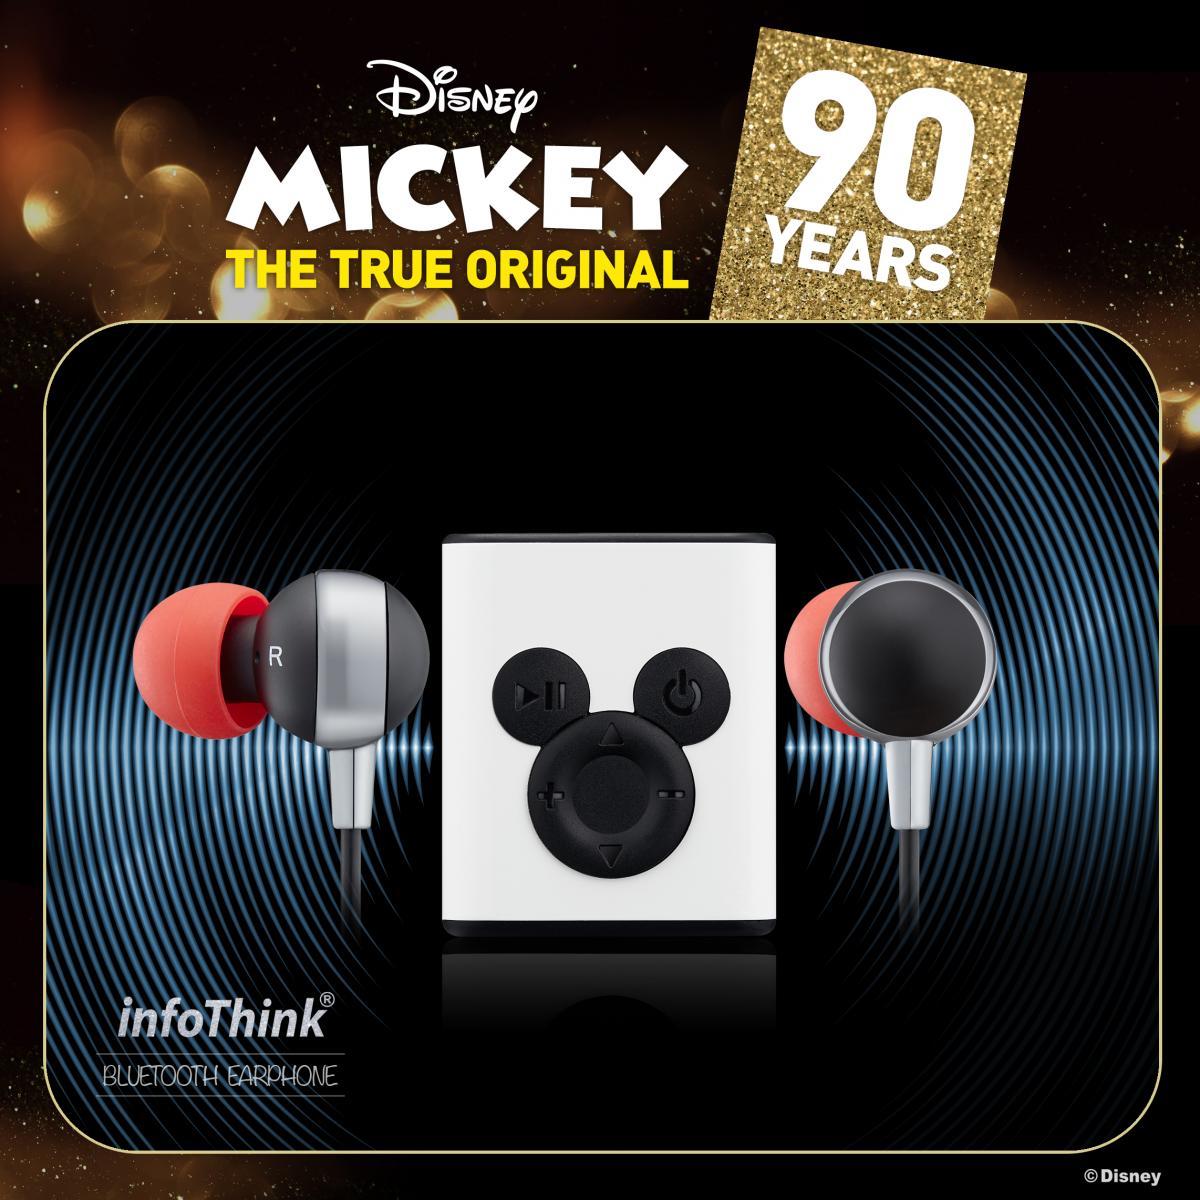 90週年Disney迪士尼infoThink 米奇系列藍牙耳機 (背面夾式設計) 重低音耳機 正版3C  一年保固